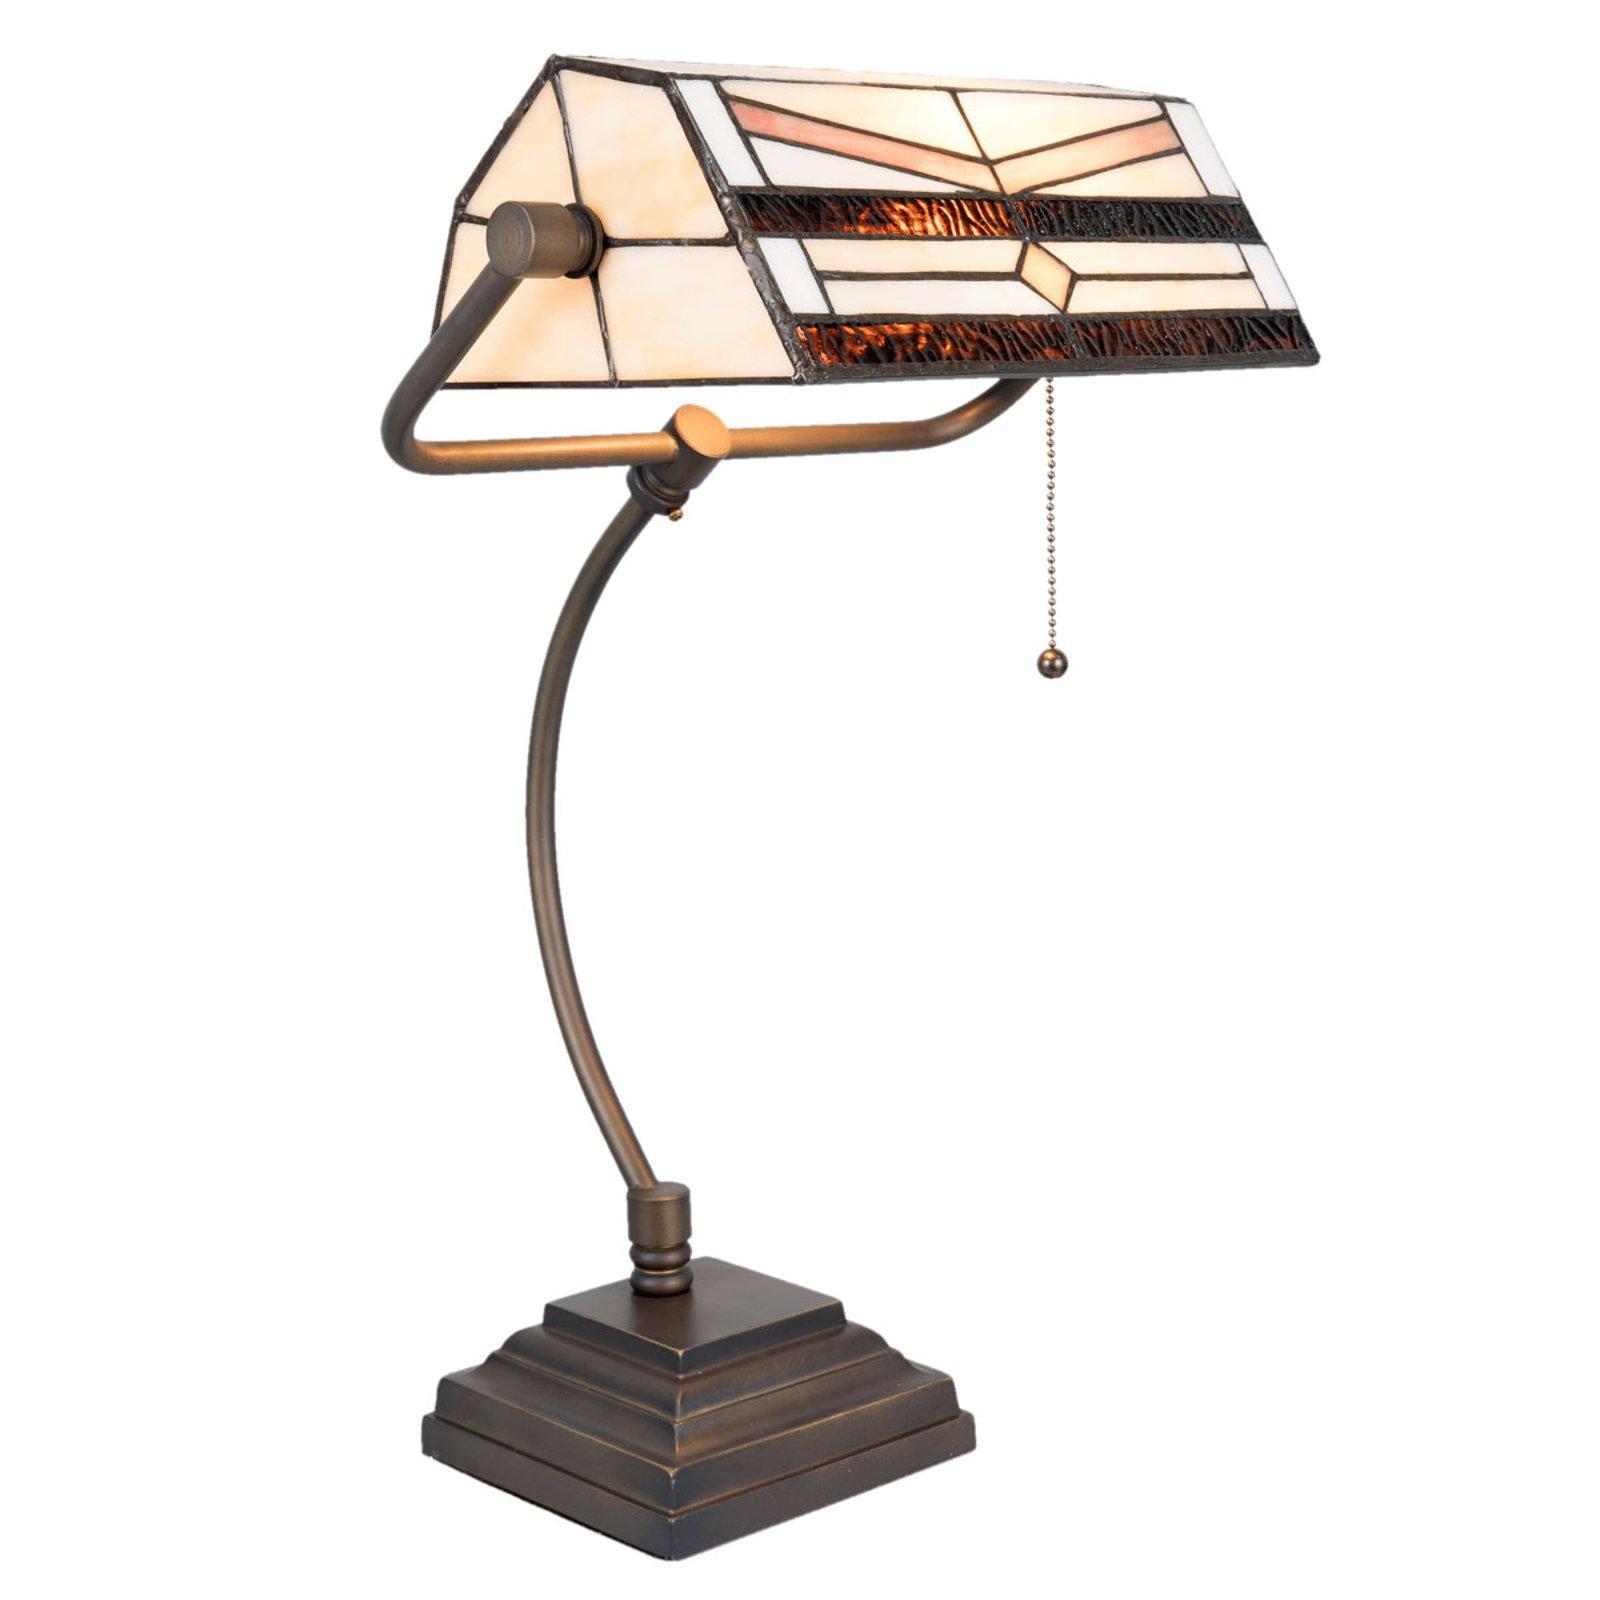 5193 skrivebordslampe i Tiffany-design, krem